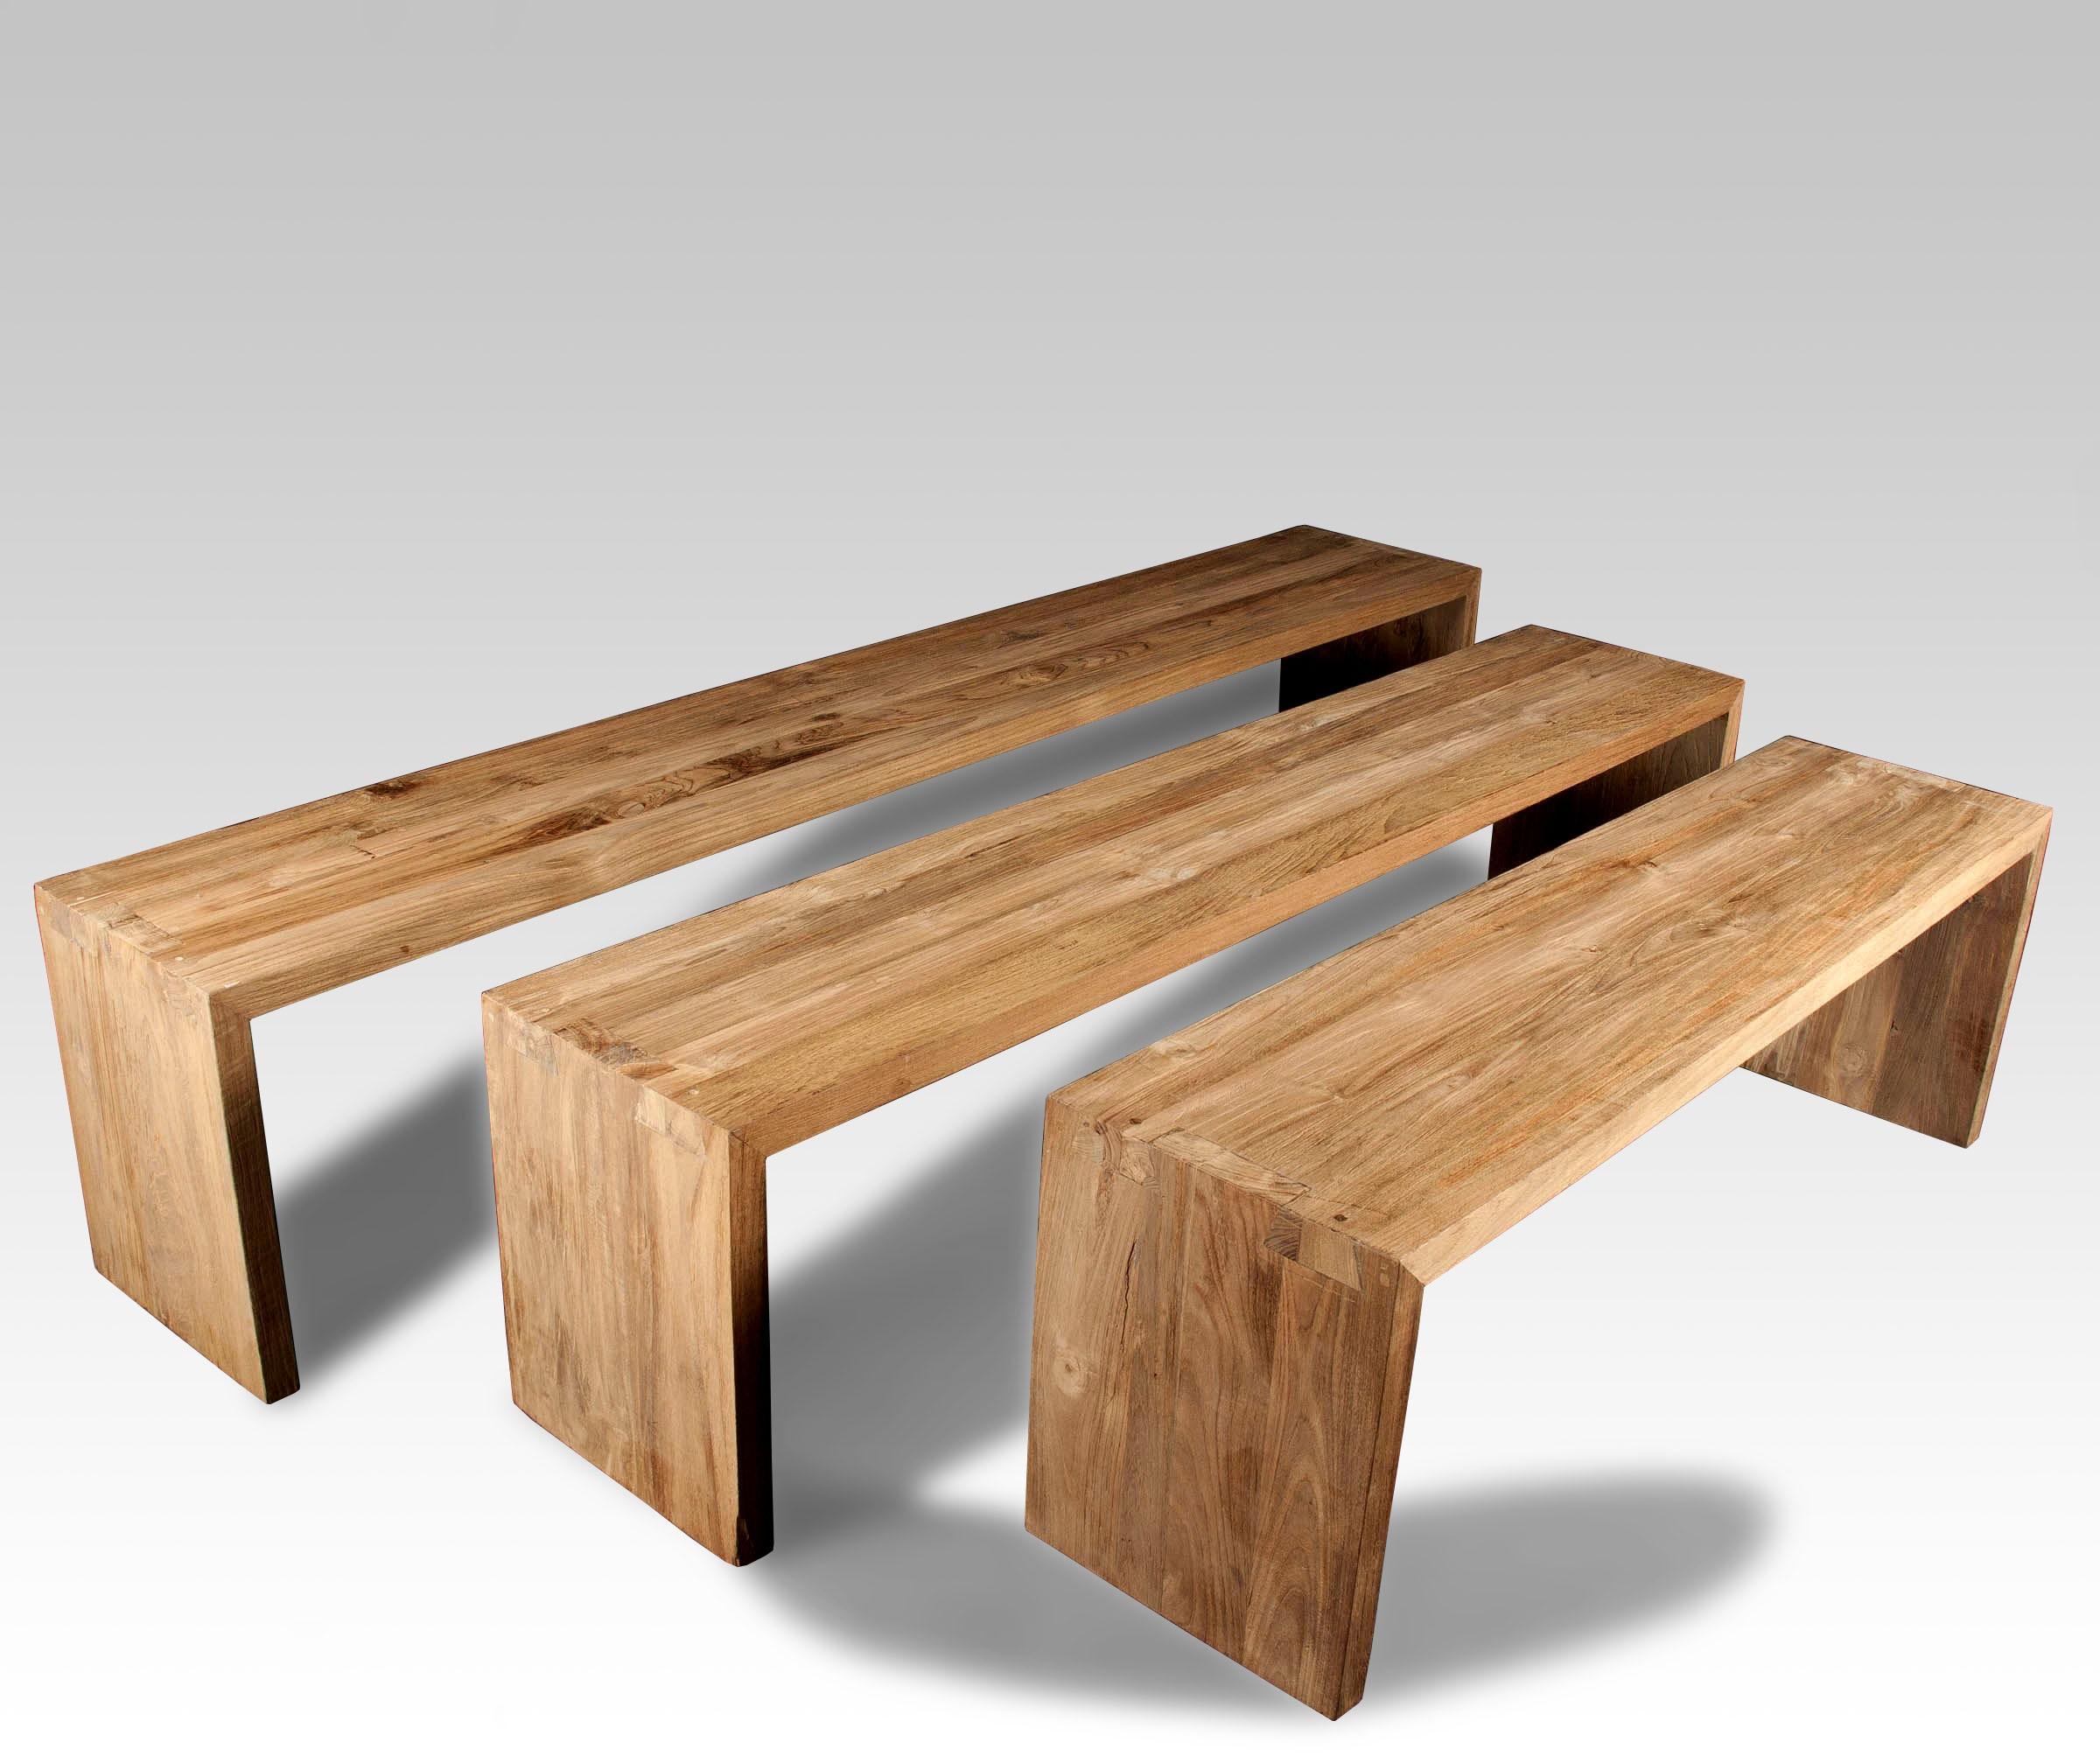 Bancos y bancos de madera batavia for Banco de madera exterior